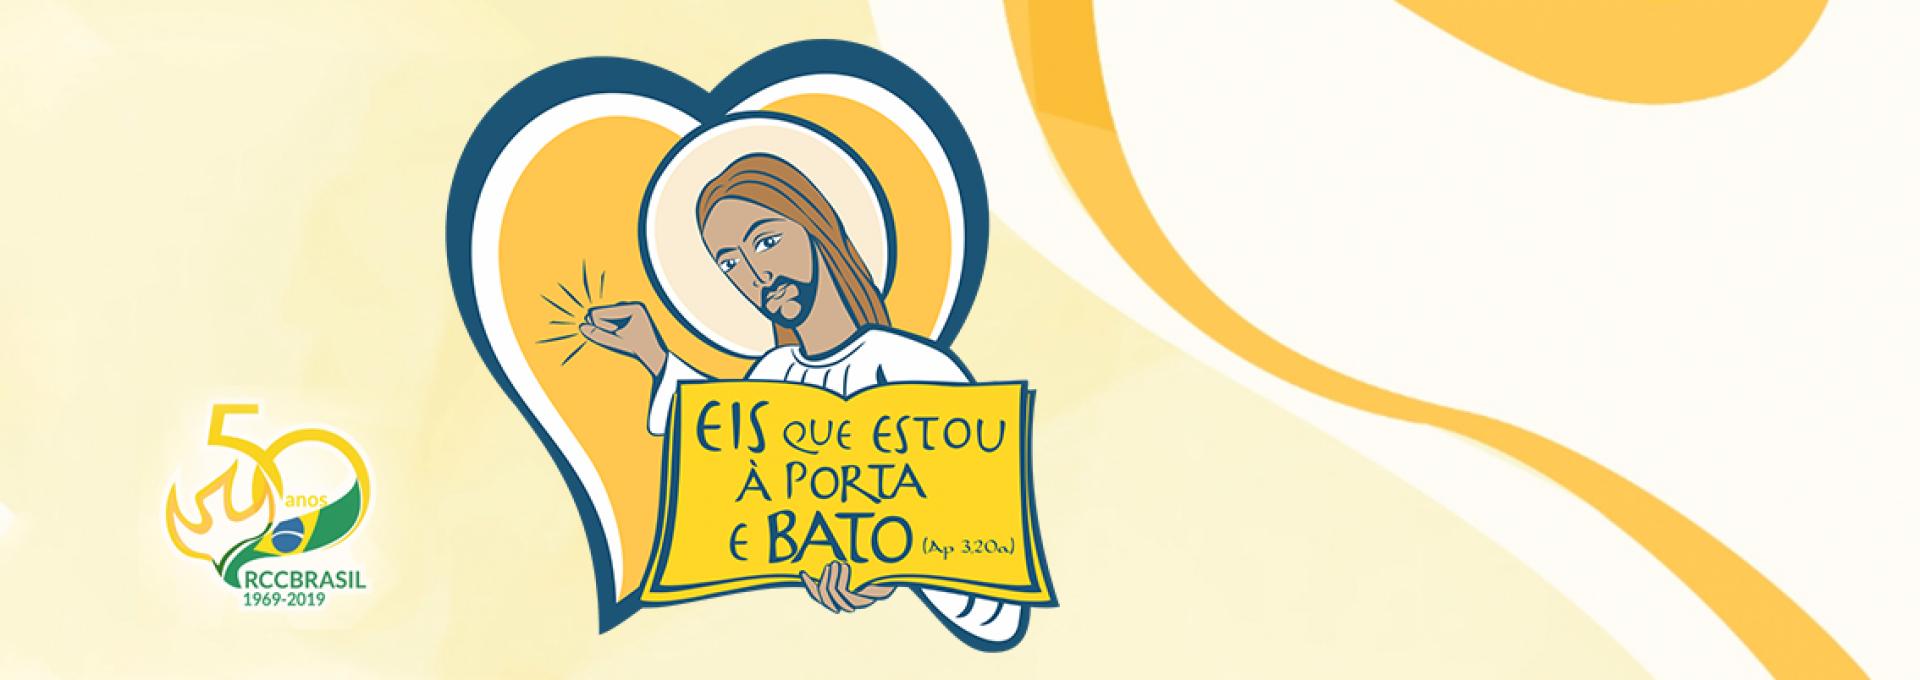 RCC Diocese de Palmas-Francisco Beltrão